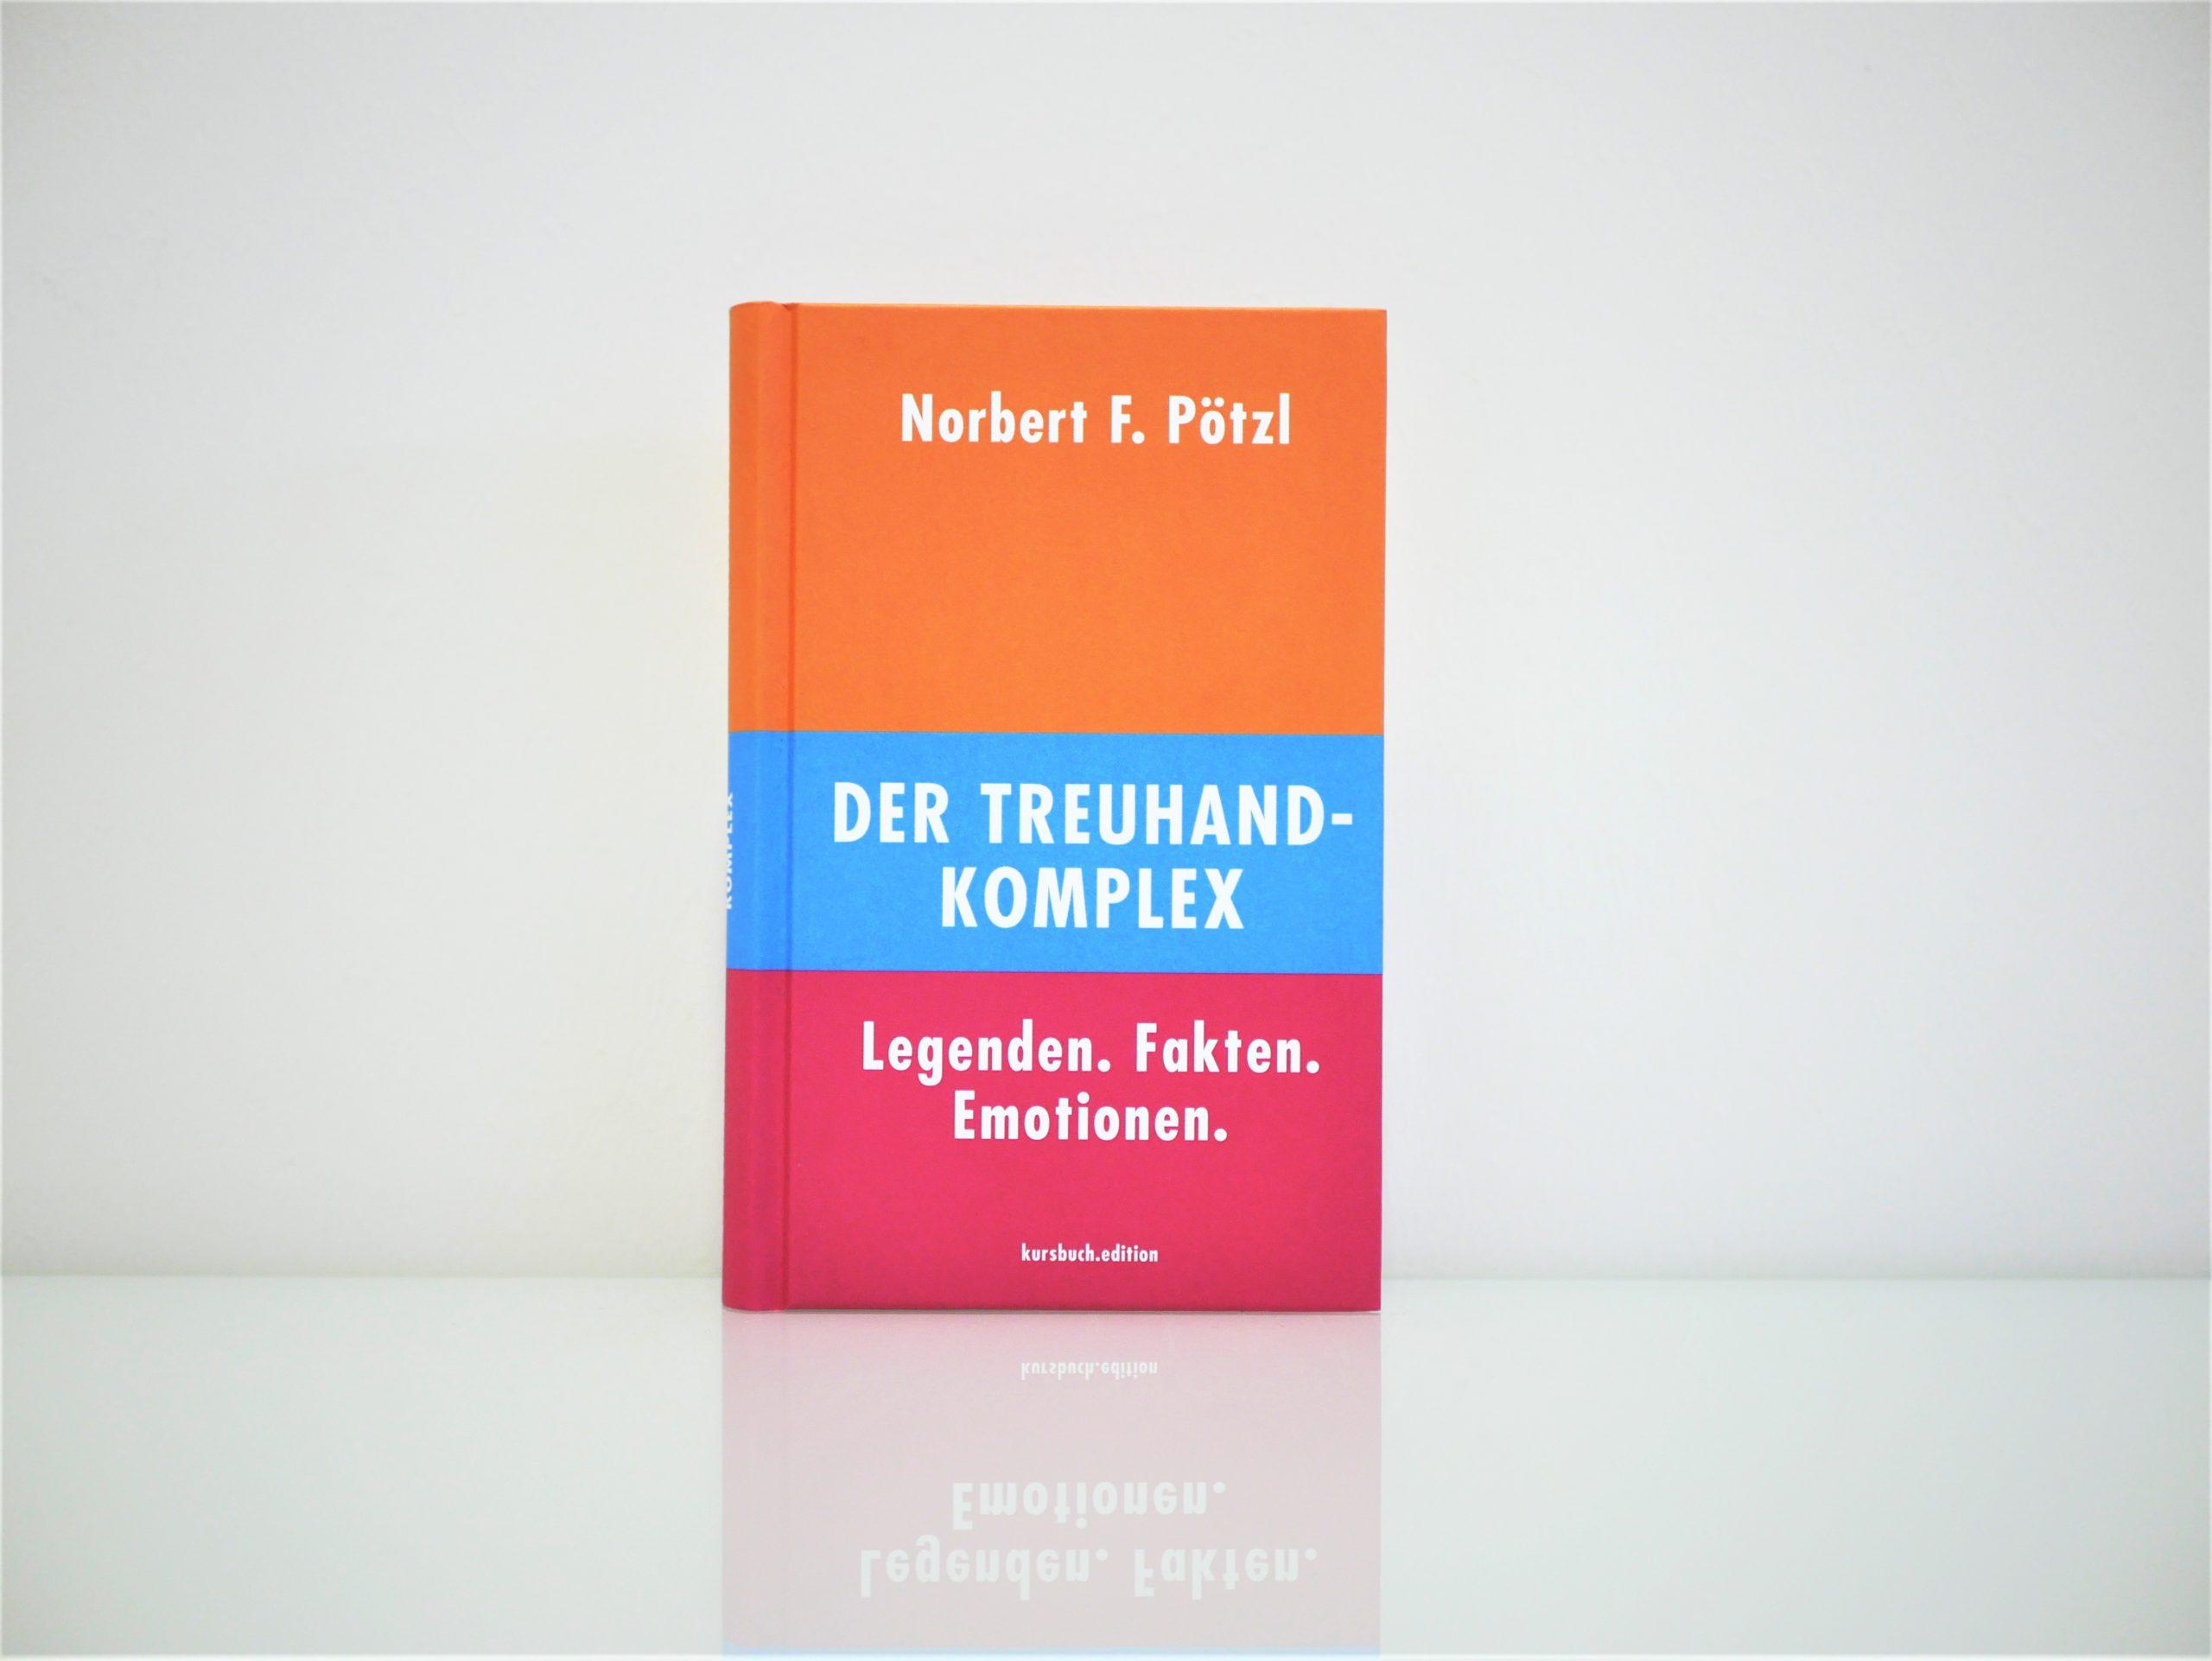 70 Jahre Treuhand-Gründung – Aufarbeitung in »Der Treuhand-Komplex«